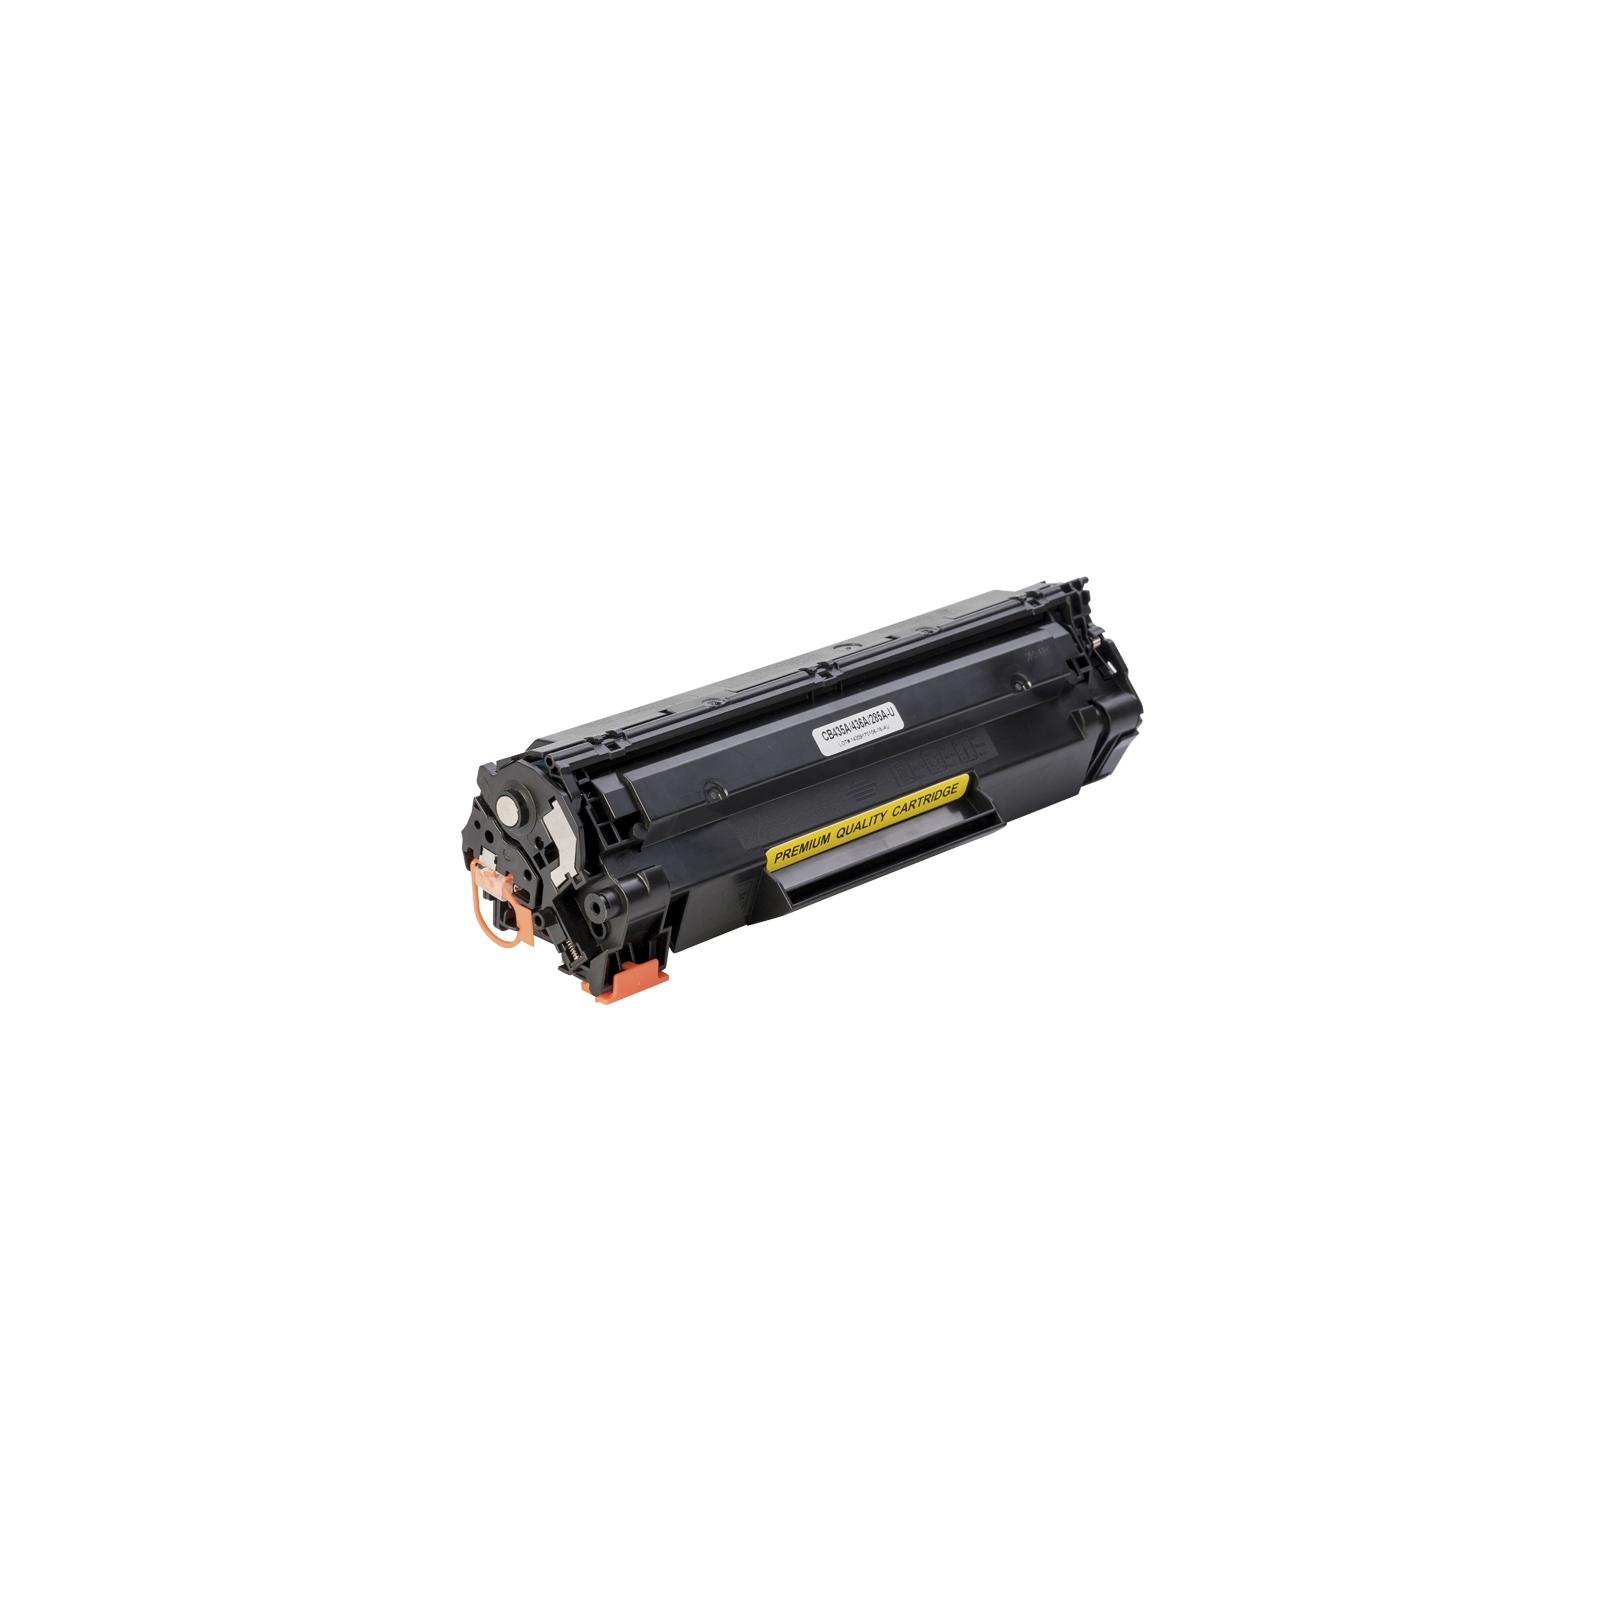 Картридж Makkon HP LJ CB435A/CB436A/CE285A 2k Black (MN-HP-SU435A) изображение 2